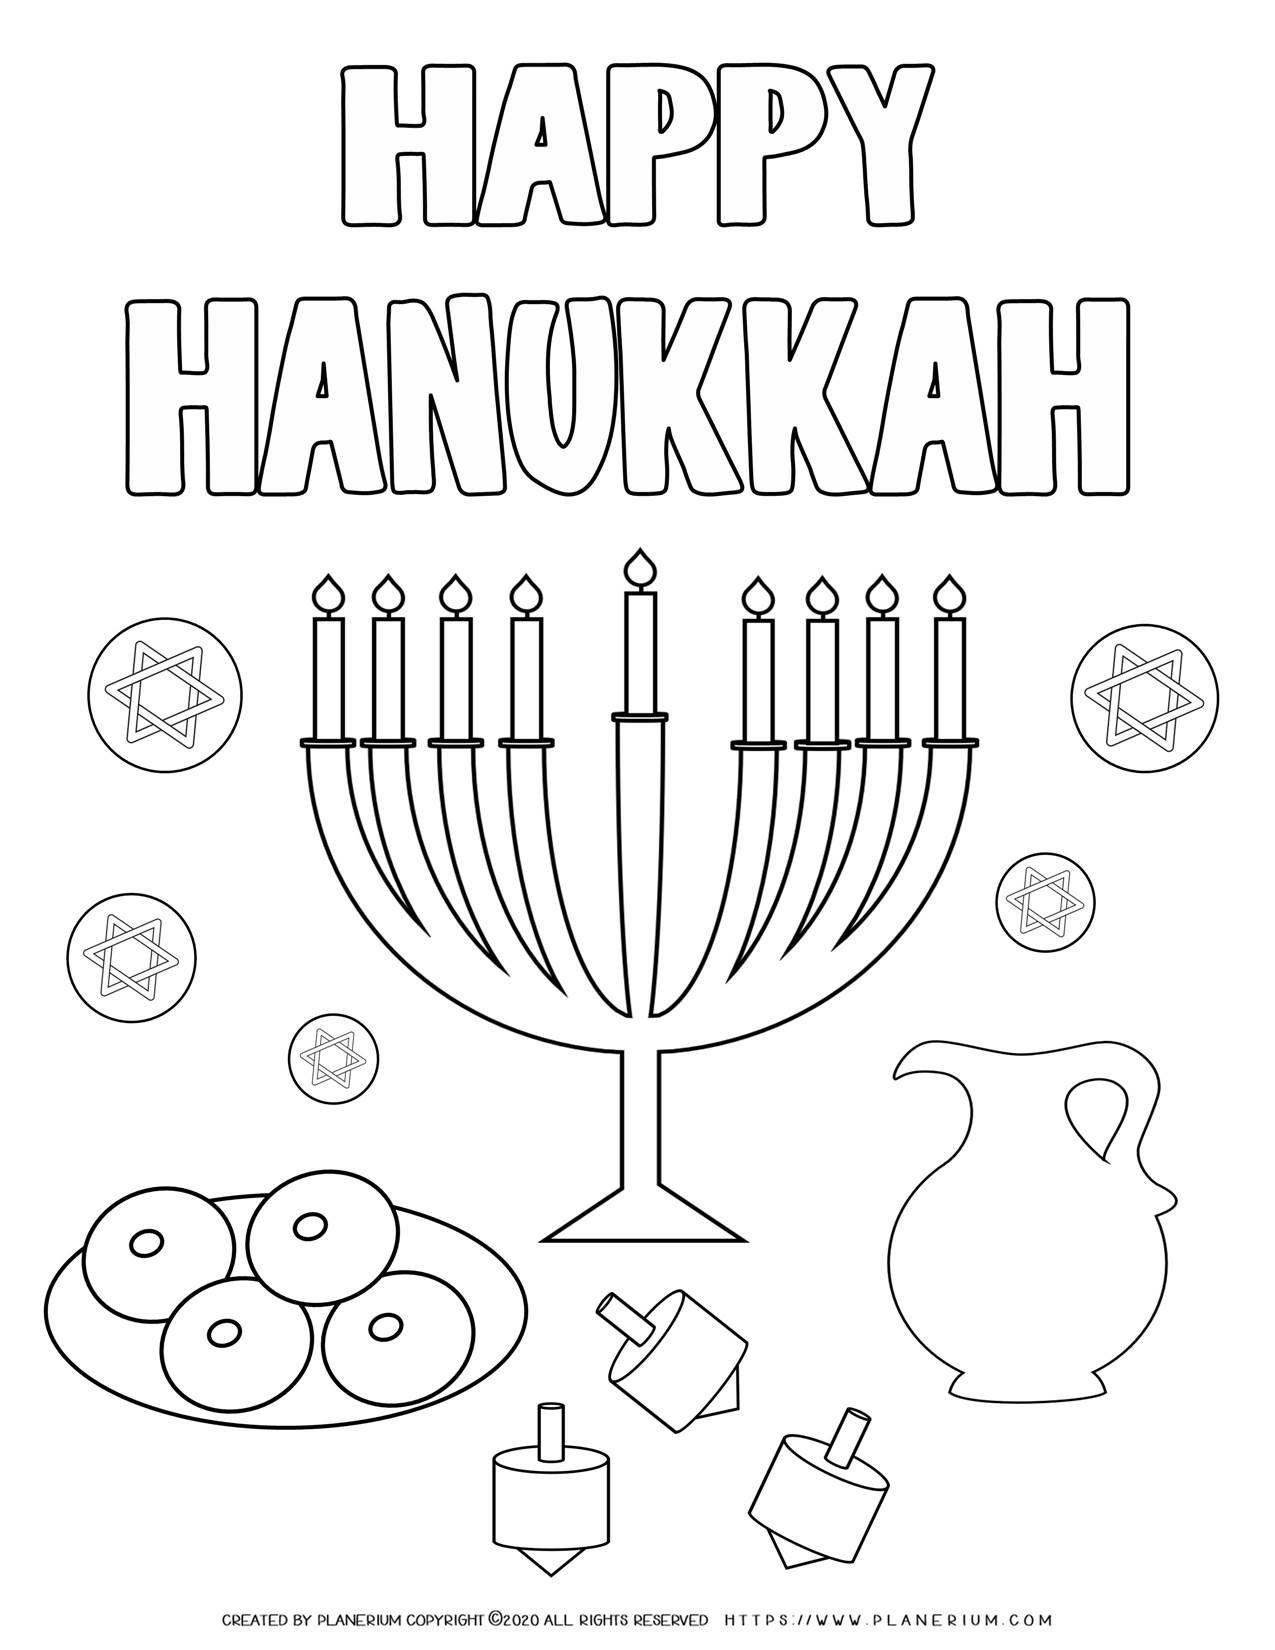 Happy Hanukkah Coloring Page Free Printable Planerium Happy Hanukkah Coloring Pages Hanukkah [ 1650 x 1275 Pixel ]